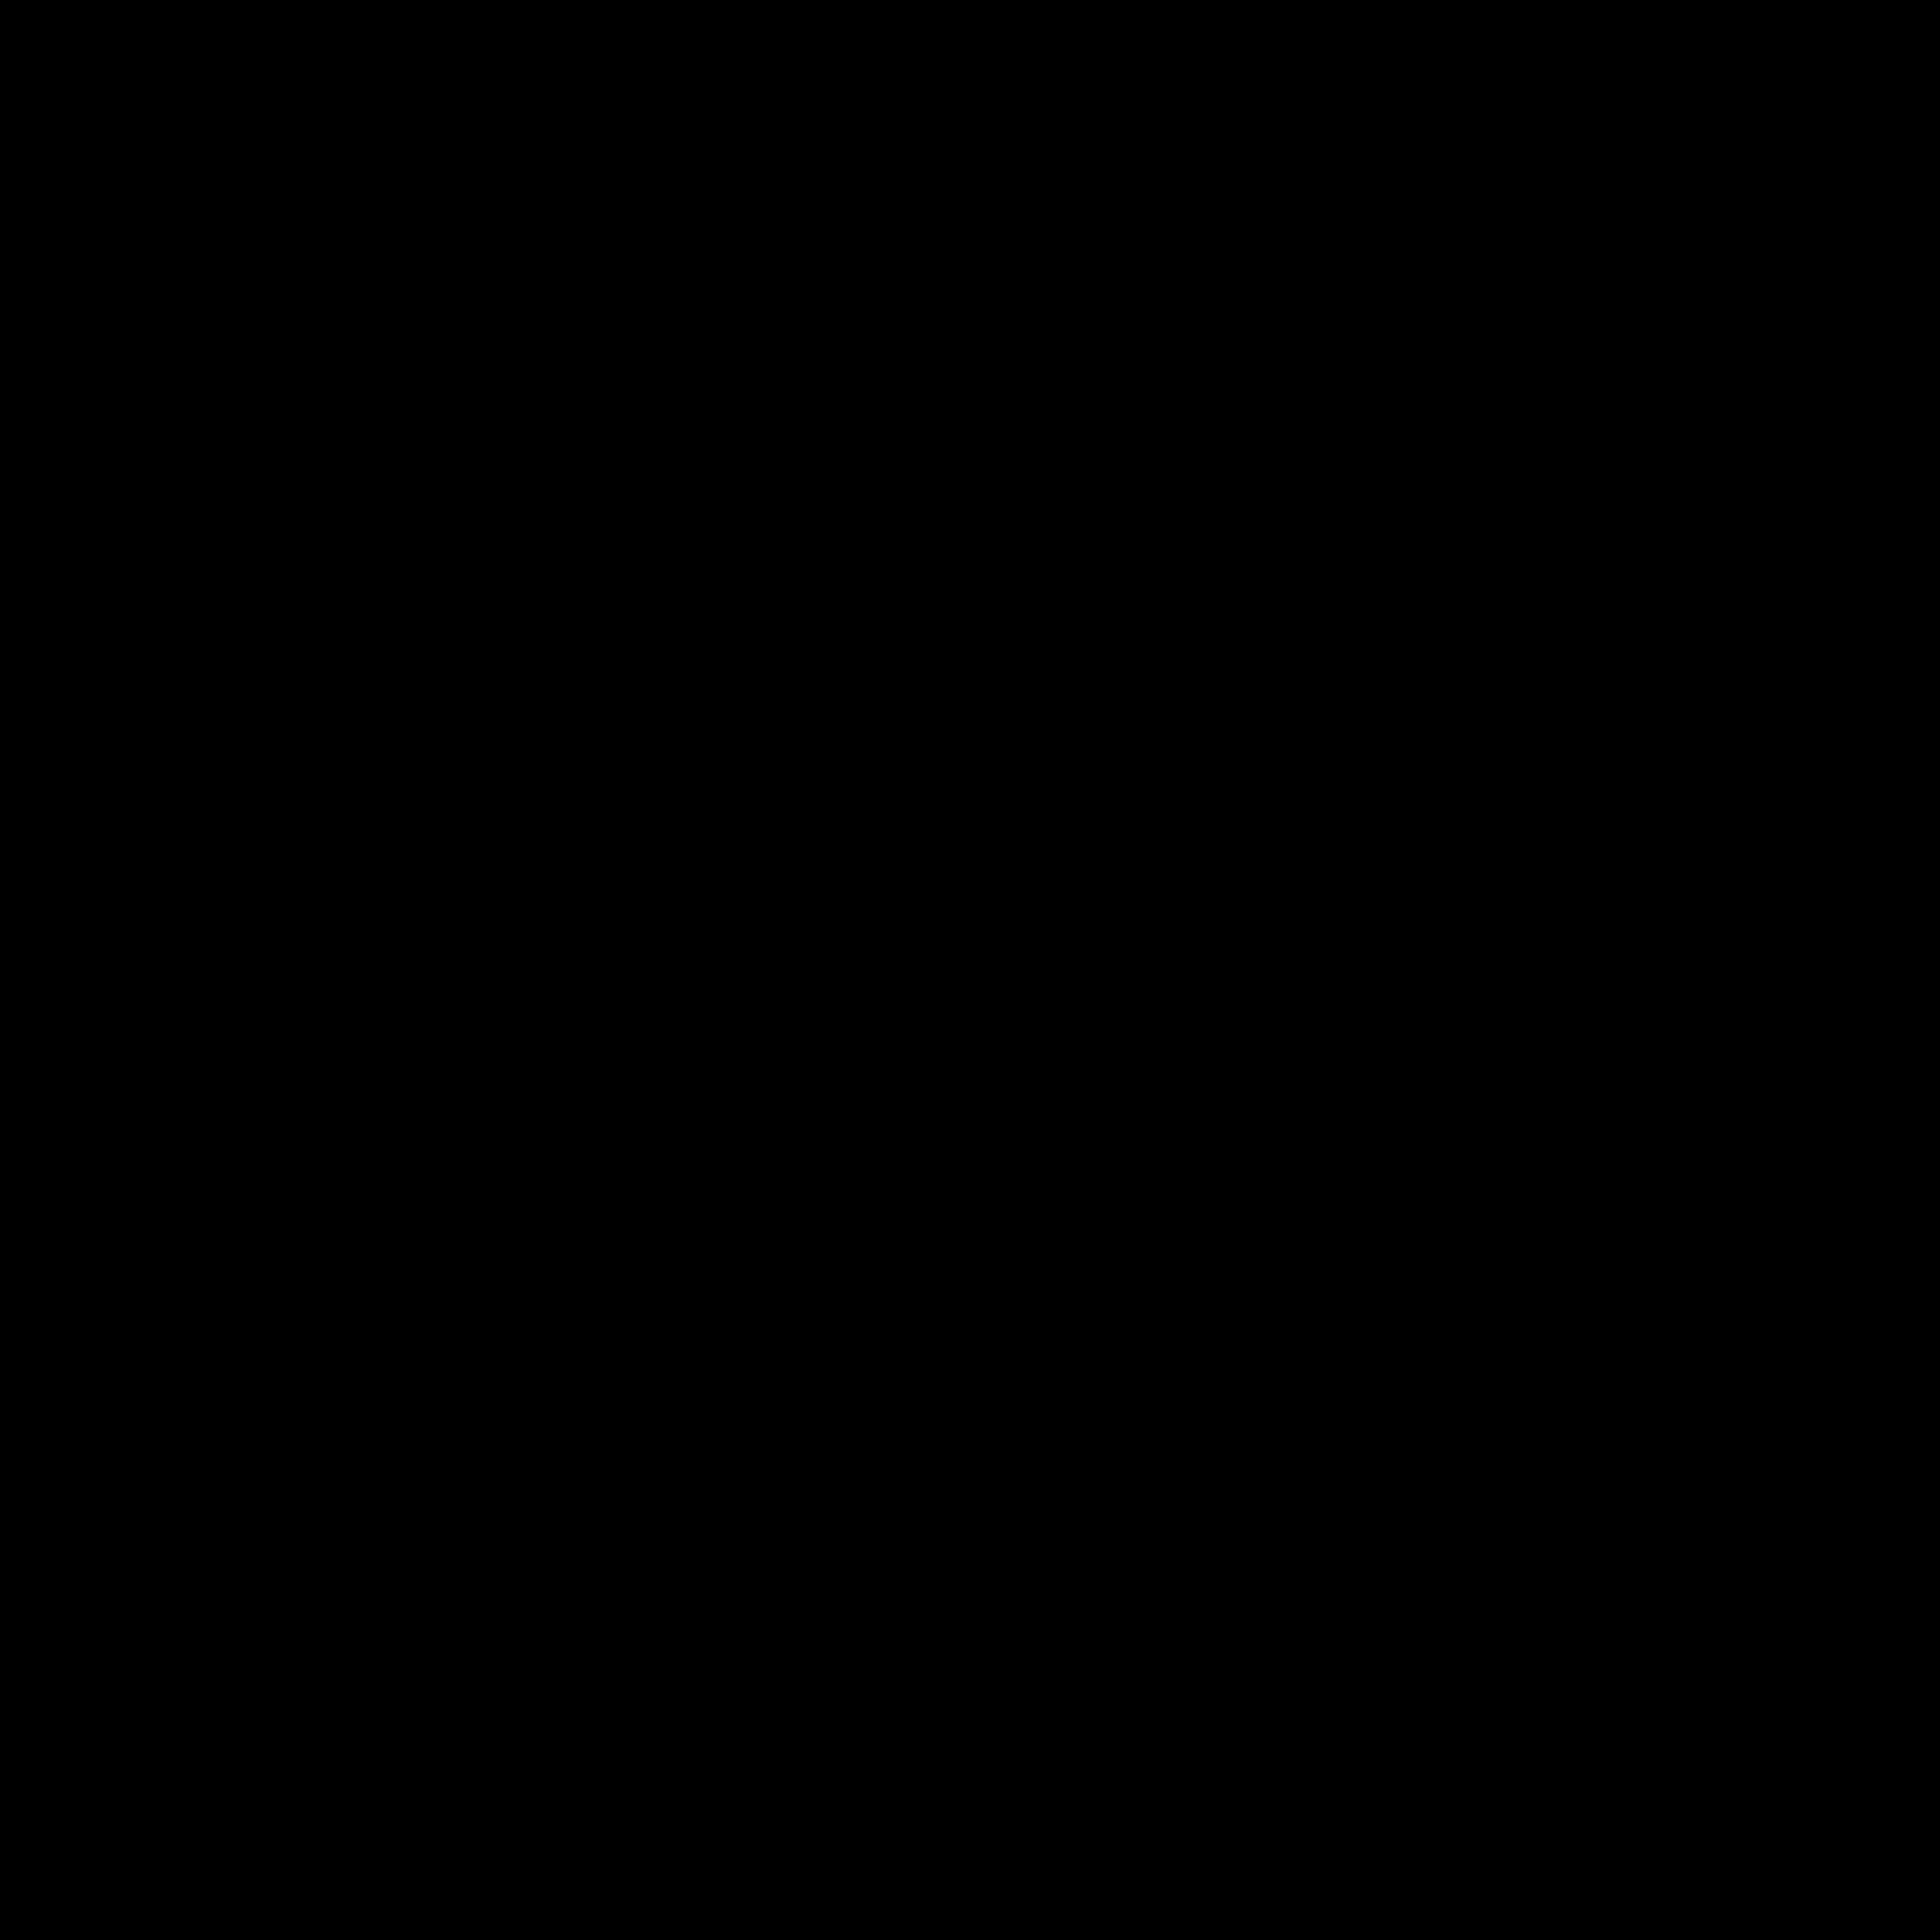 Картинка черный квадрат с надписью